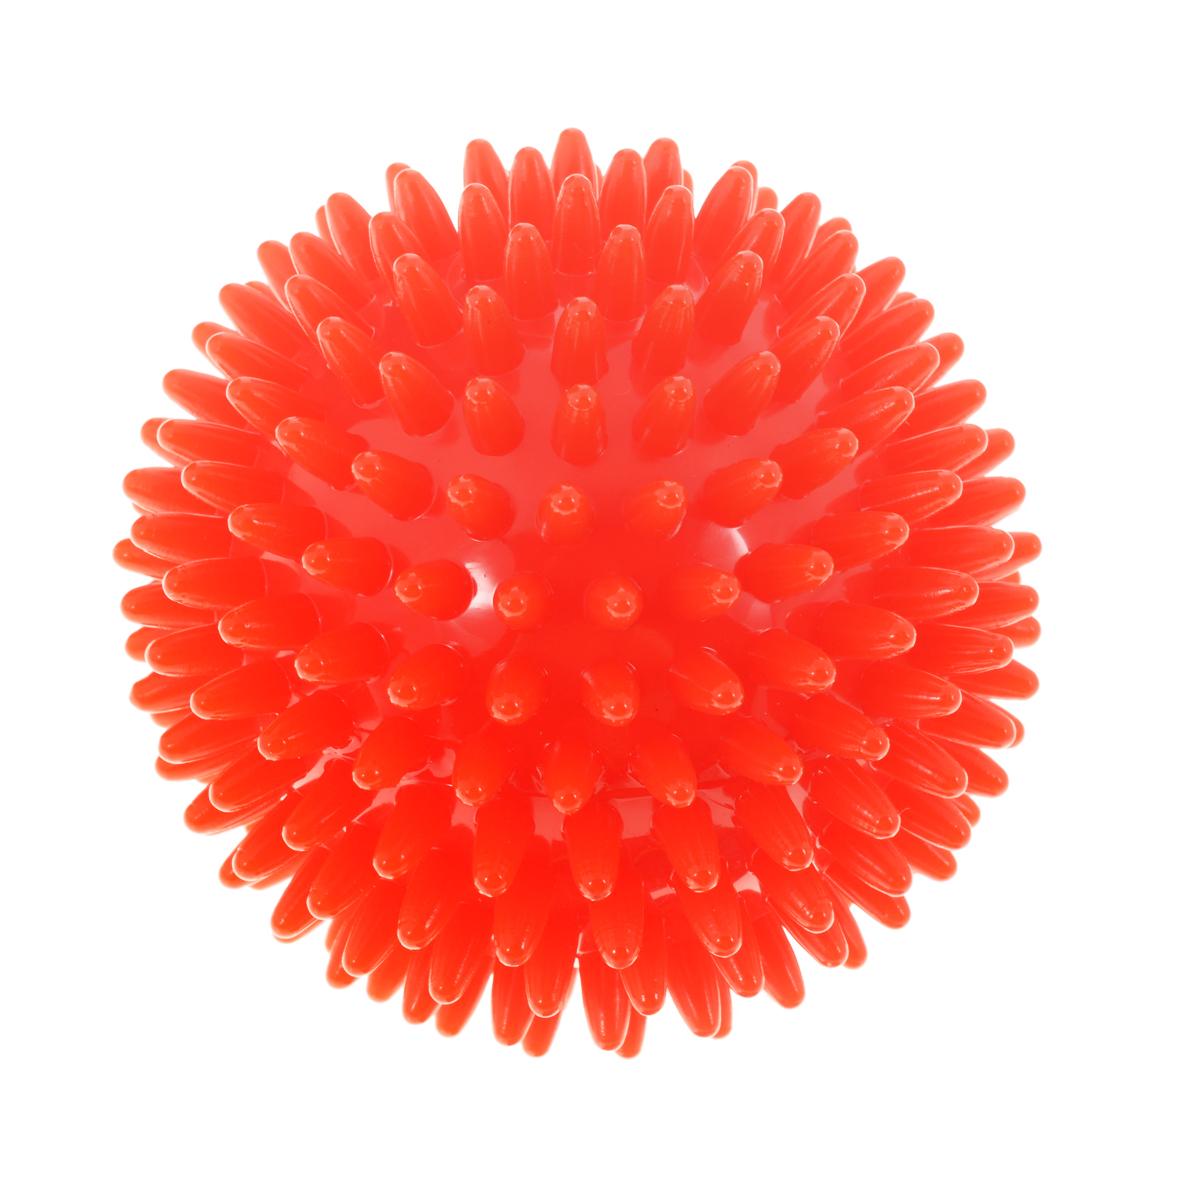 Игрушка для собак V.I.Pet Массажный мяч, цвет: красный, диаметр 10 смBL11-015-100Игрушка для собак V.I.Pet Массажный мяч, изготовленная из ПВХ, предназначена для массажа и самомассажа рефлексогенных зон. Она имеет мягкие закругленные массажные шипы, эффективно массирующие и не травмирующие кожу. Игрушка не позволит скучать вашему питомцу ни дома, ни на улице. Диаметр: 10 см.